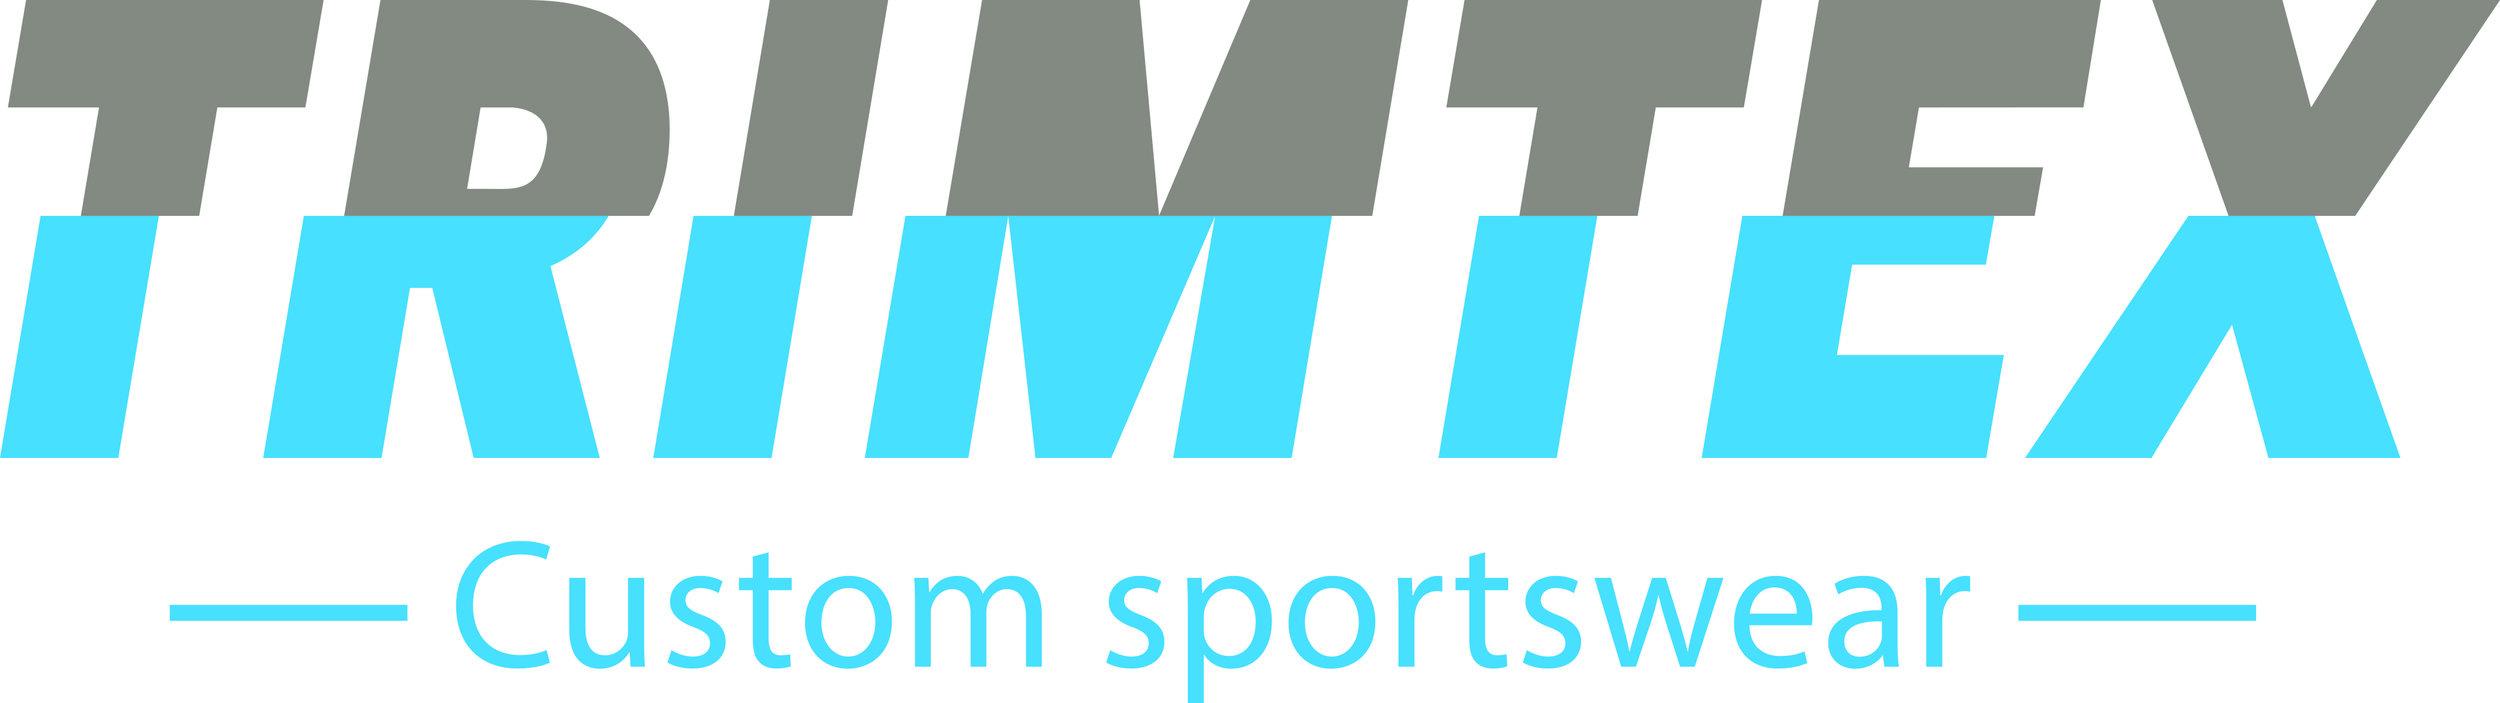 Trimtex_logo_m-slagord_ikke-1976_cmyk.jpg